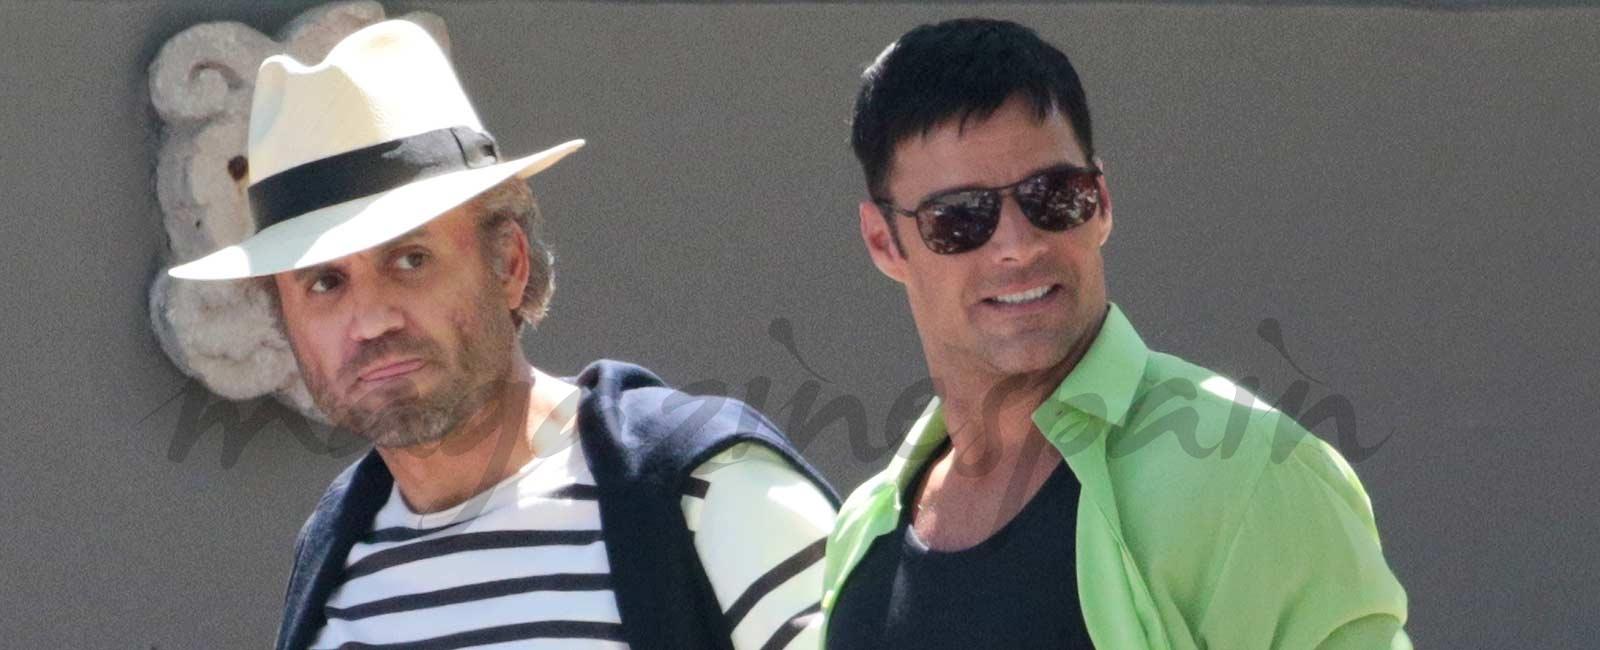 """Ricky Martin deja los escenarios para interpretar el amante de Versace en """"American Crime Story"""""""